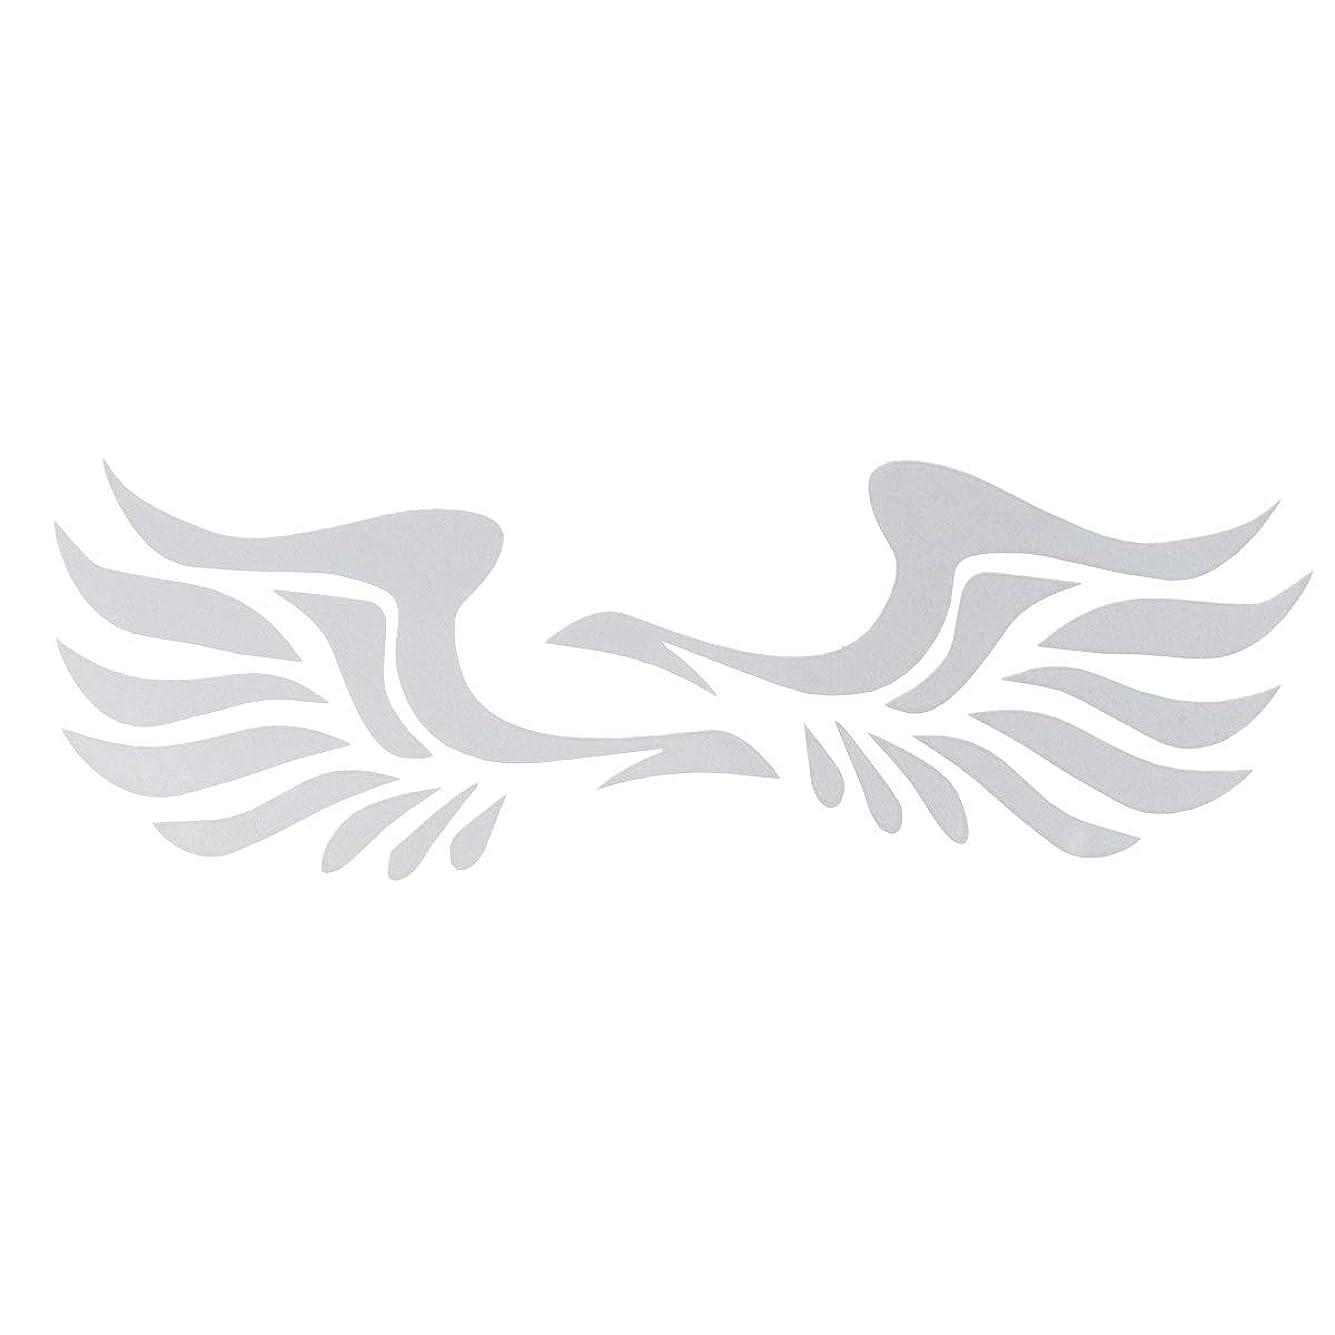 ゴネリル馬力打撃VORCOOL 車用サイドミラーステッカー 翼柄 車 デカール ウィングデザイン 3Dステッカー デコレーション 装飾 1ペア入 (ホワイト)